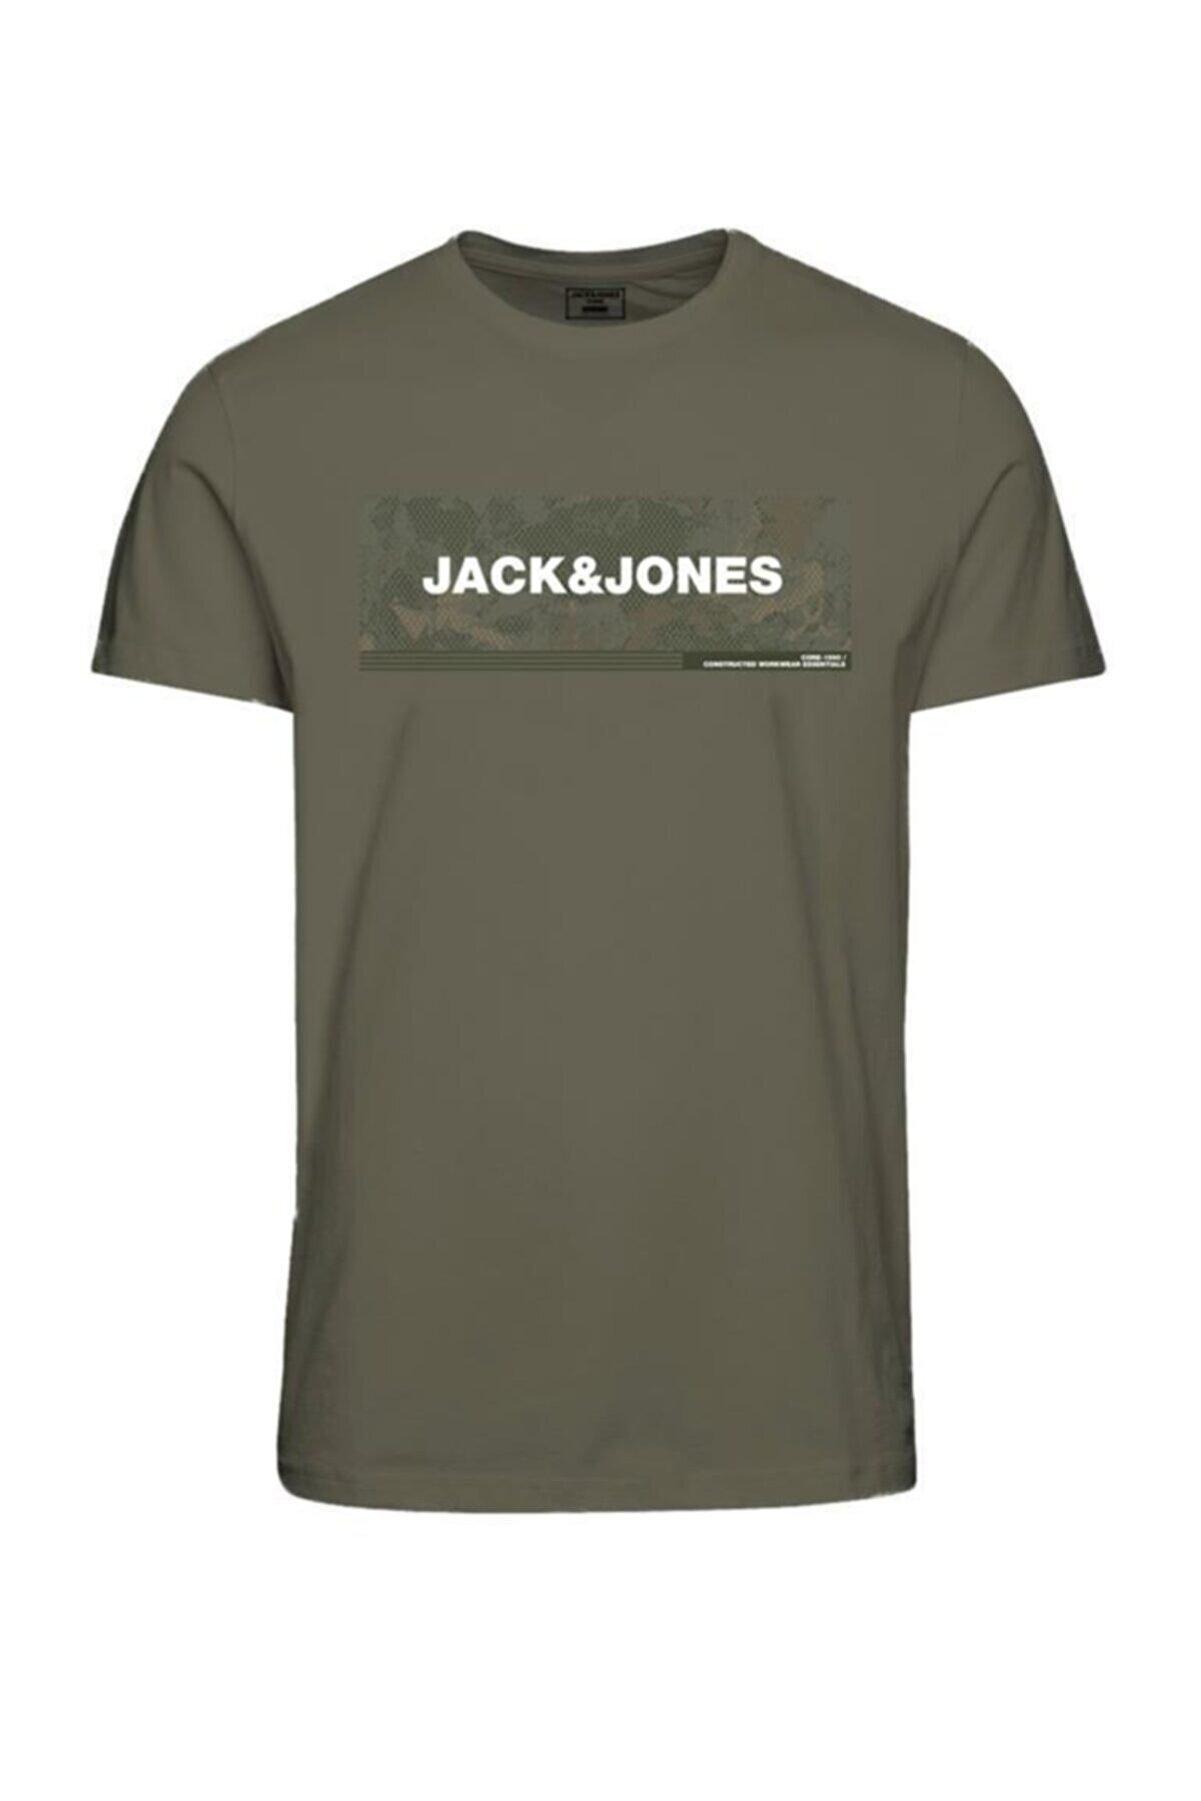 Jack & Jones Erkek Haki Baskılı T-Shirt 12188029